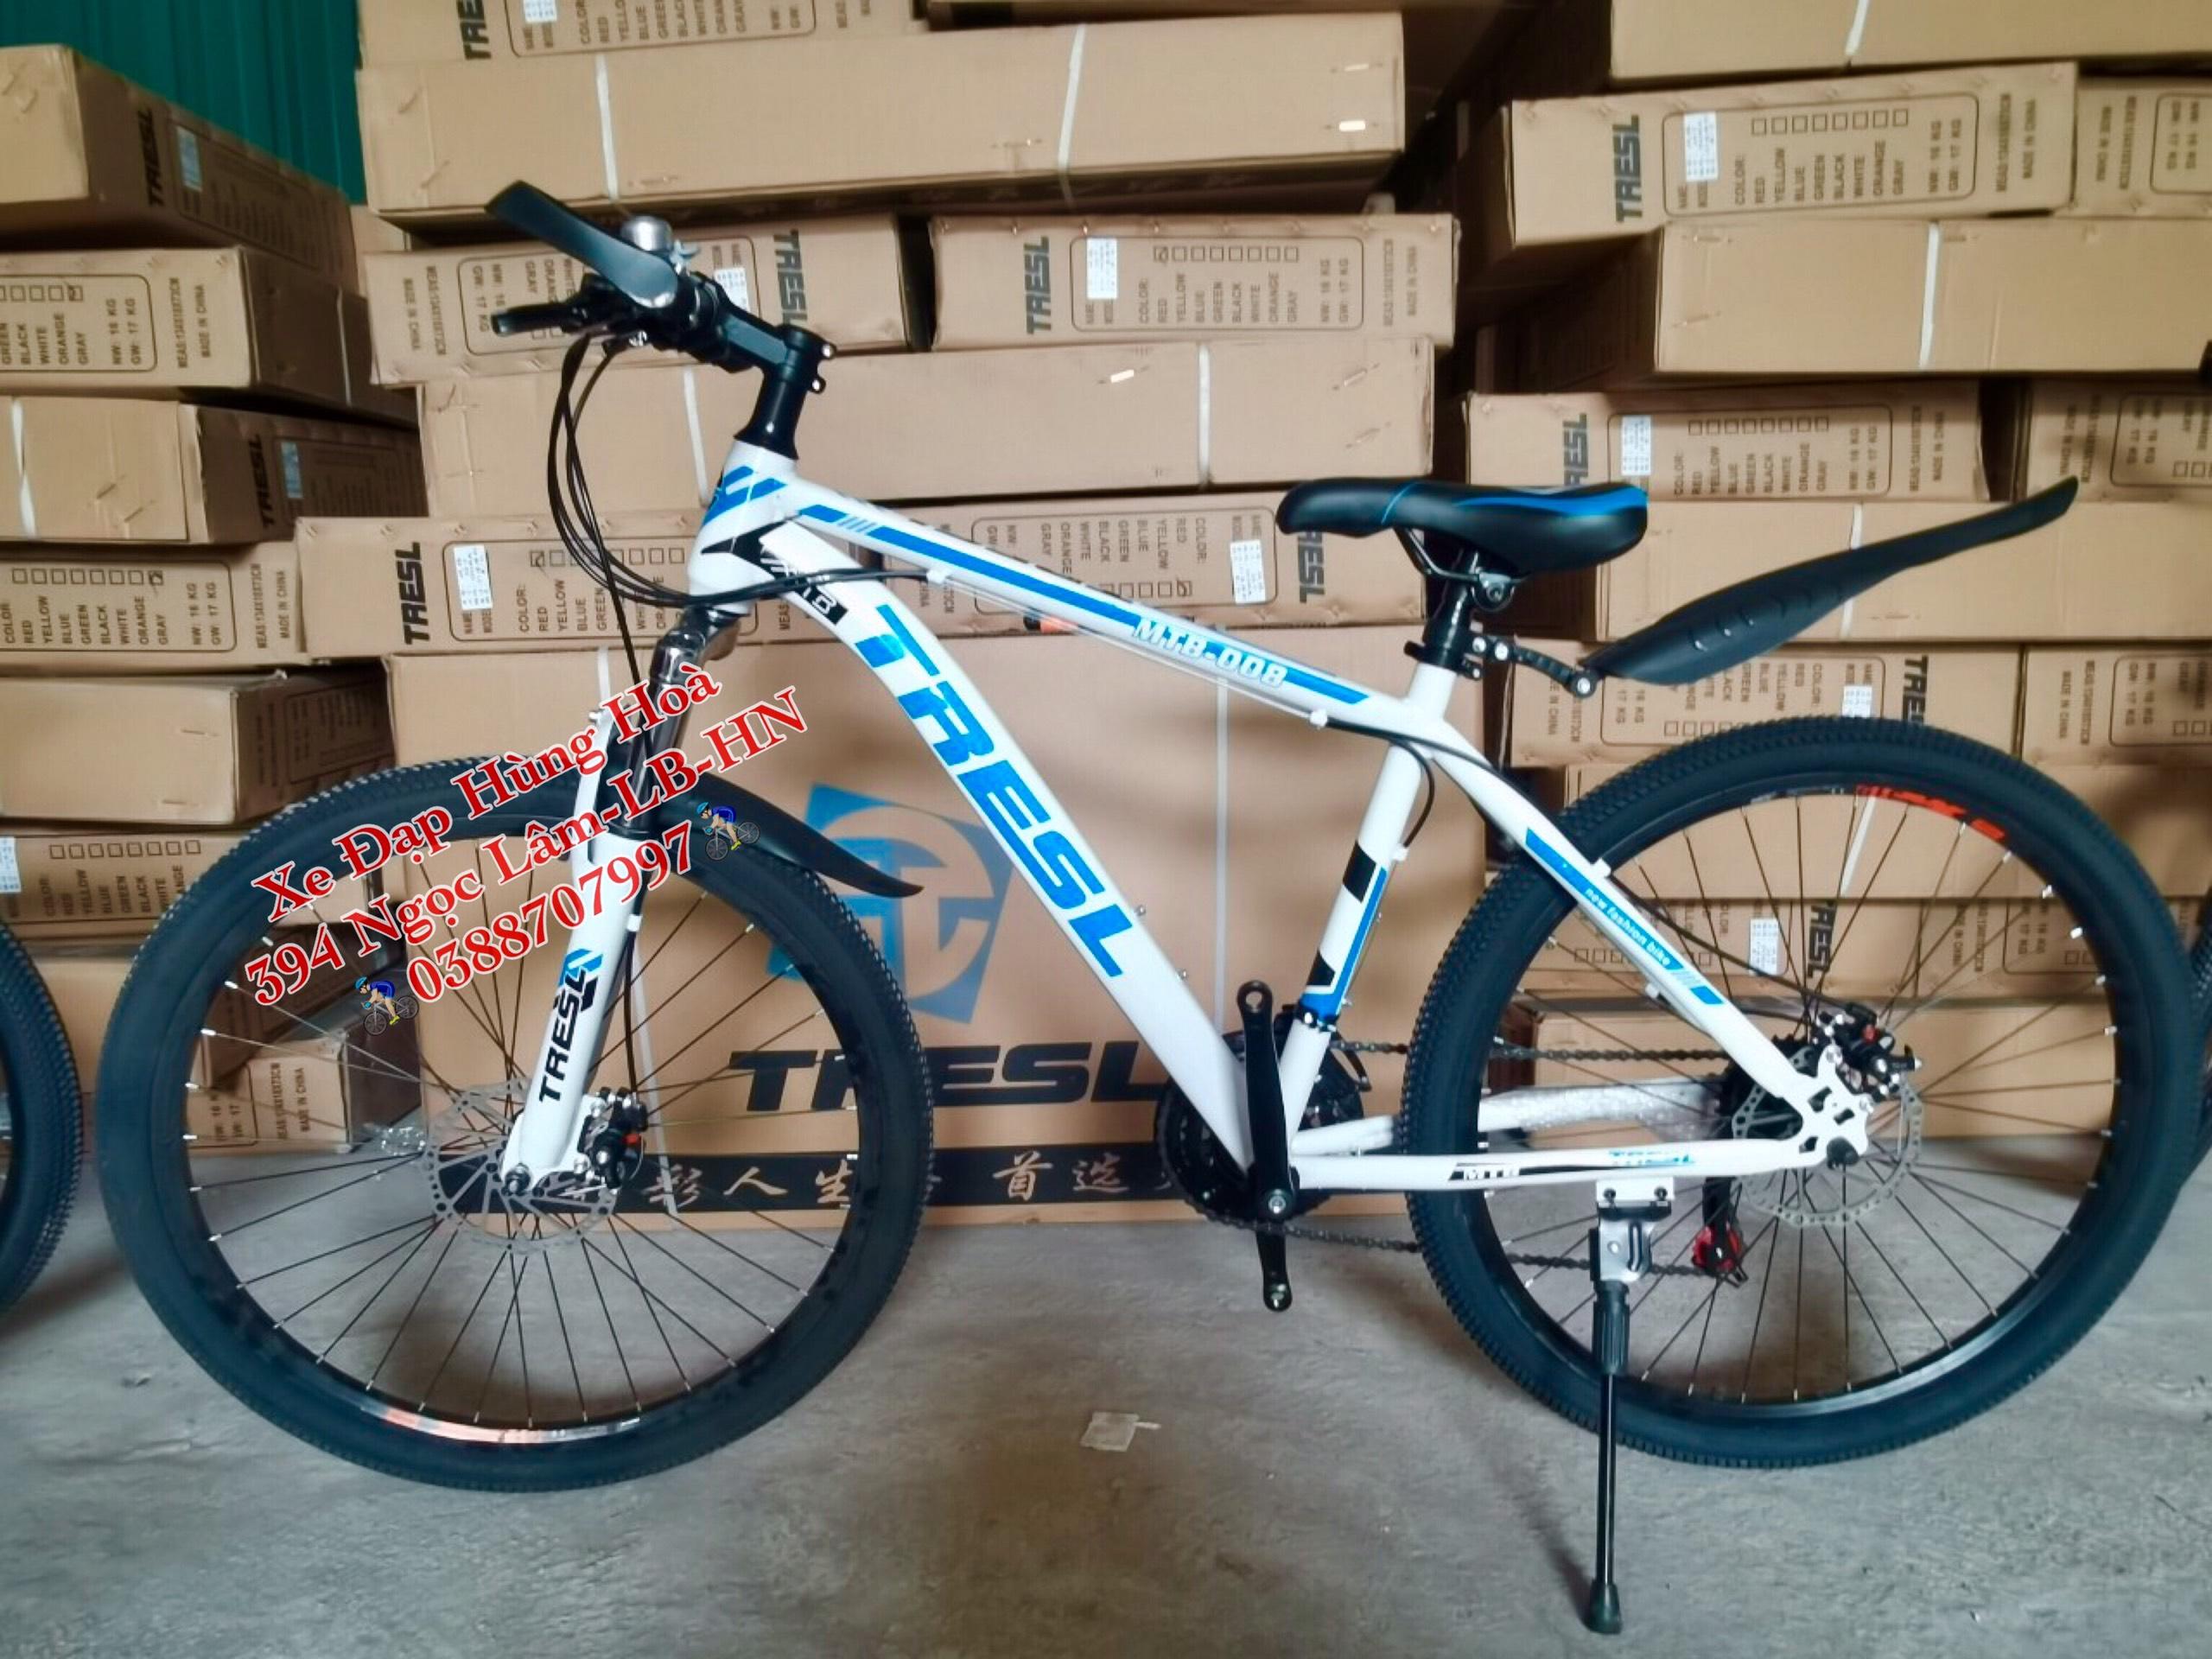 Mua Xe đạp thể thao GIÁ SỈ - Rẻ Nhấtt HN